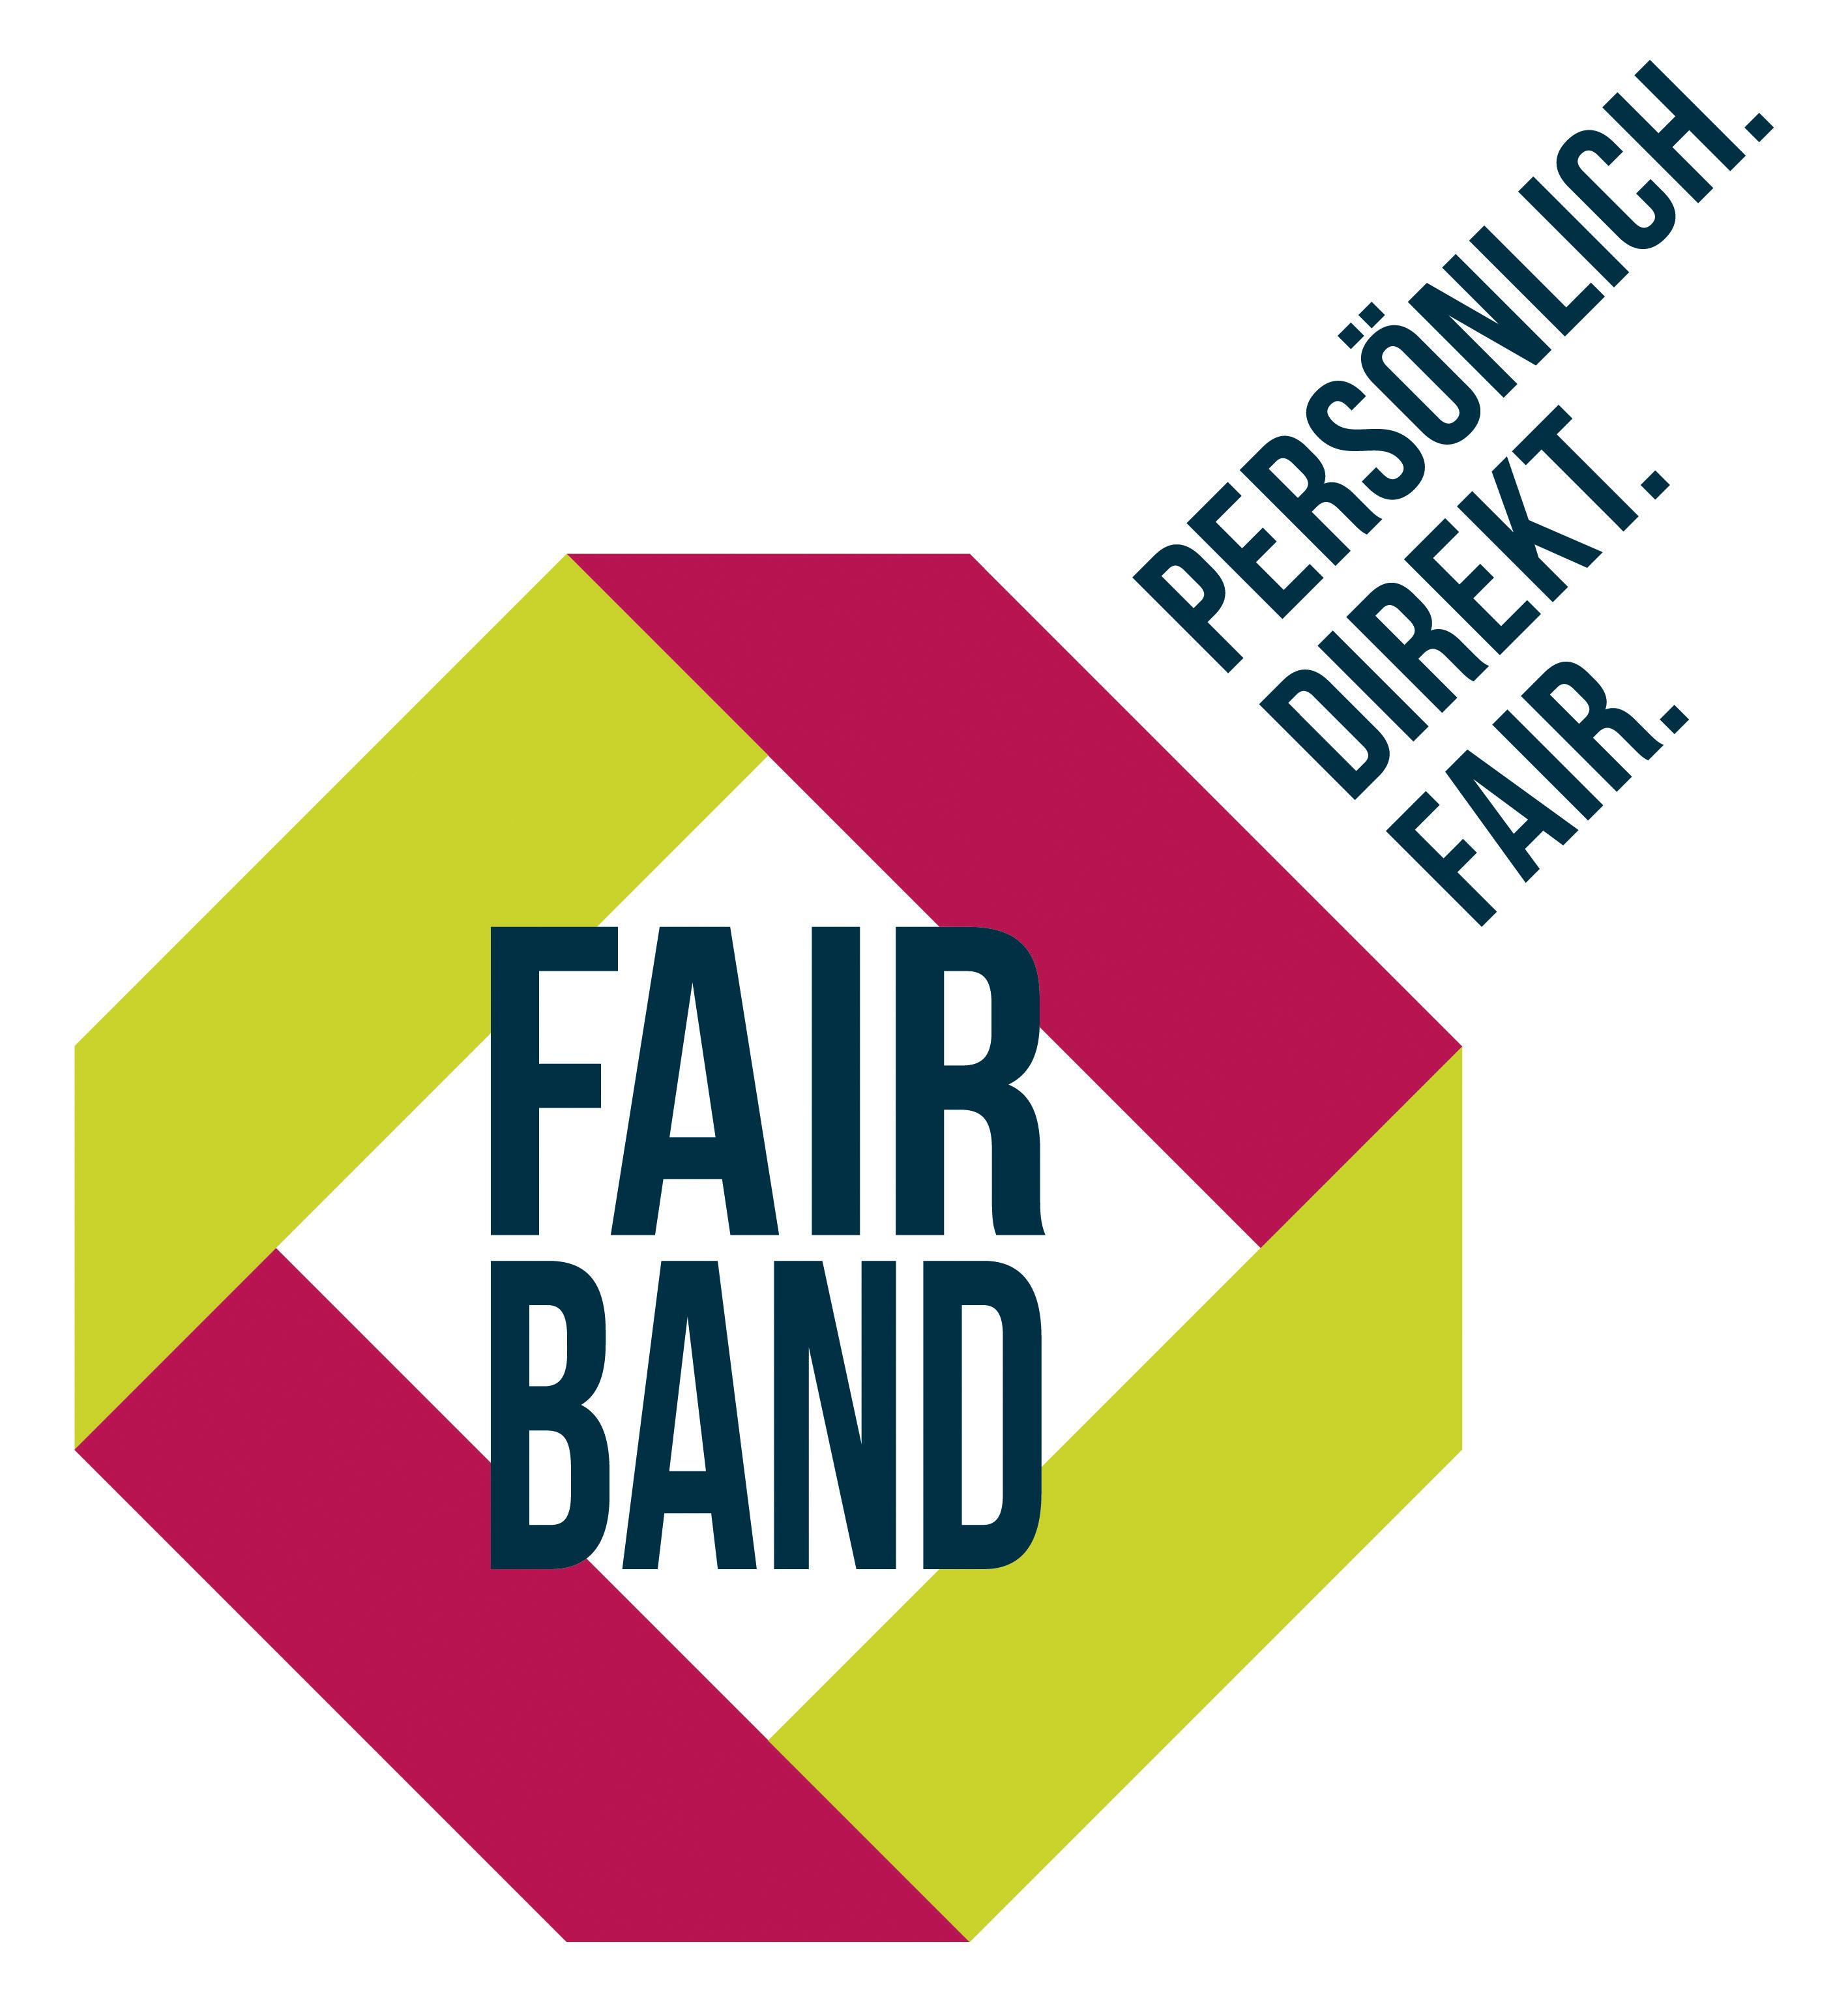 Fair Band.jpg.u8ur8b0